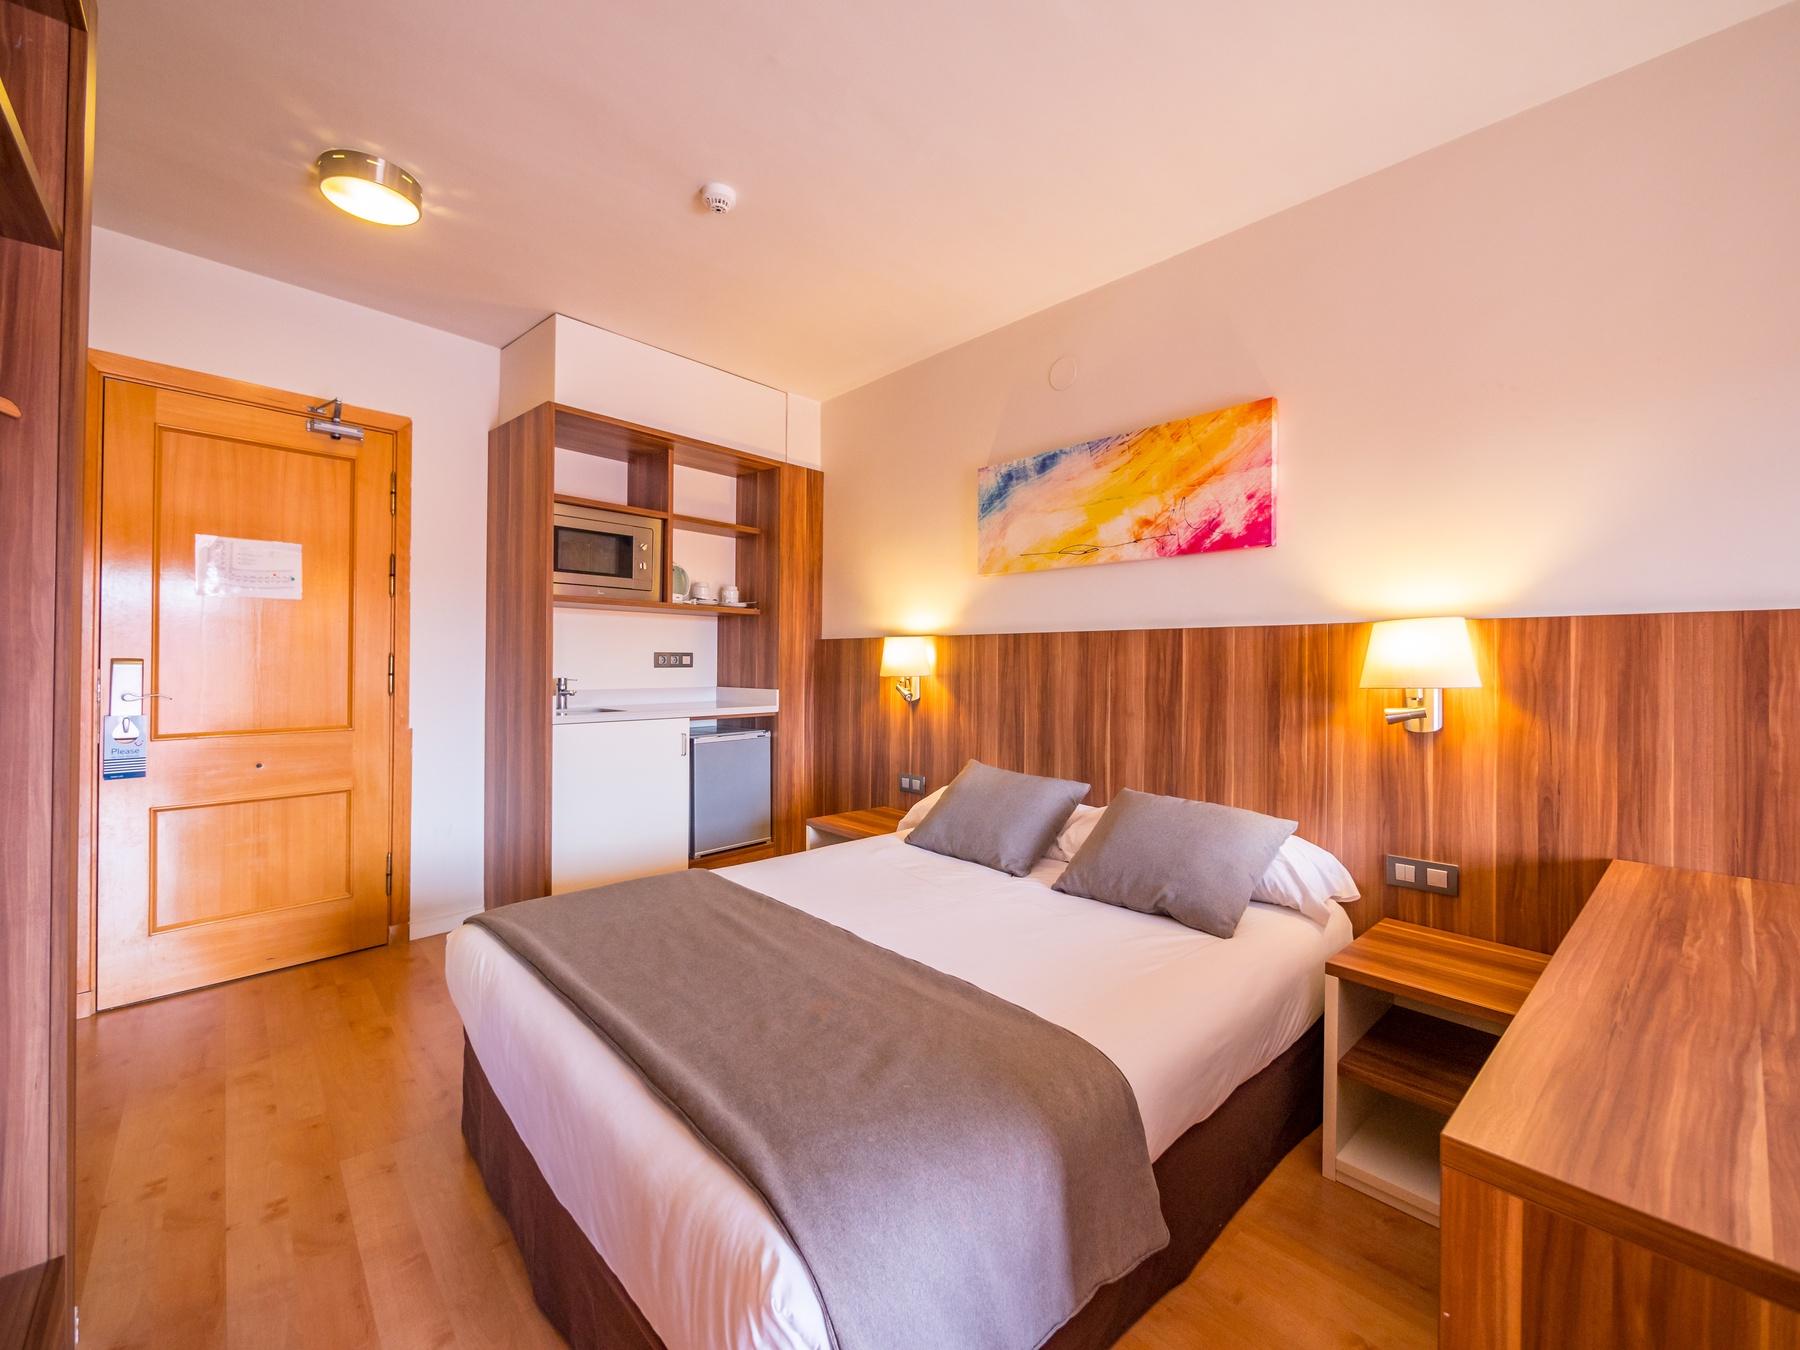 hotel avenida suites habitaciones familiares en salou